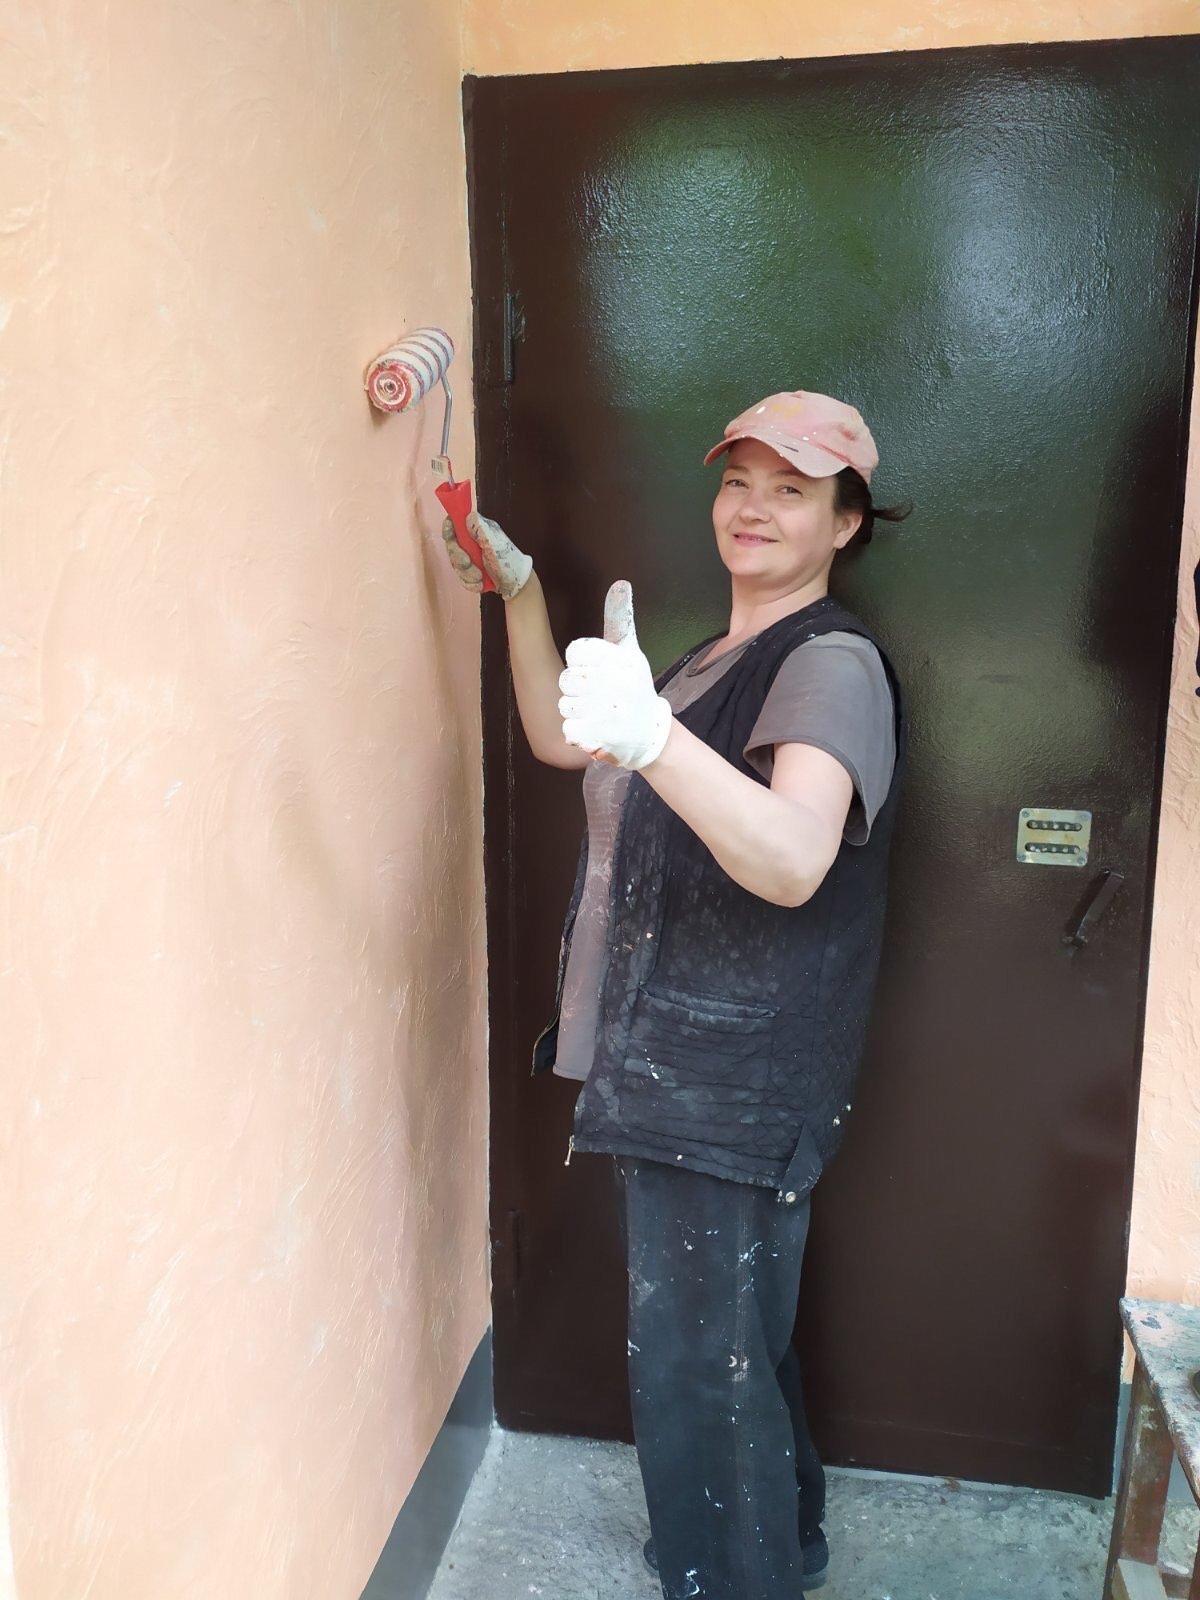 Від бухгалтерії до сантехнічних робіт:  чому варто звернутися до приватного управителя «Квартал-сервіс Лозова 2», фото-36